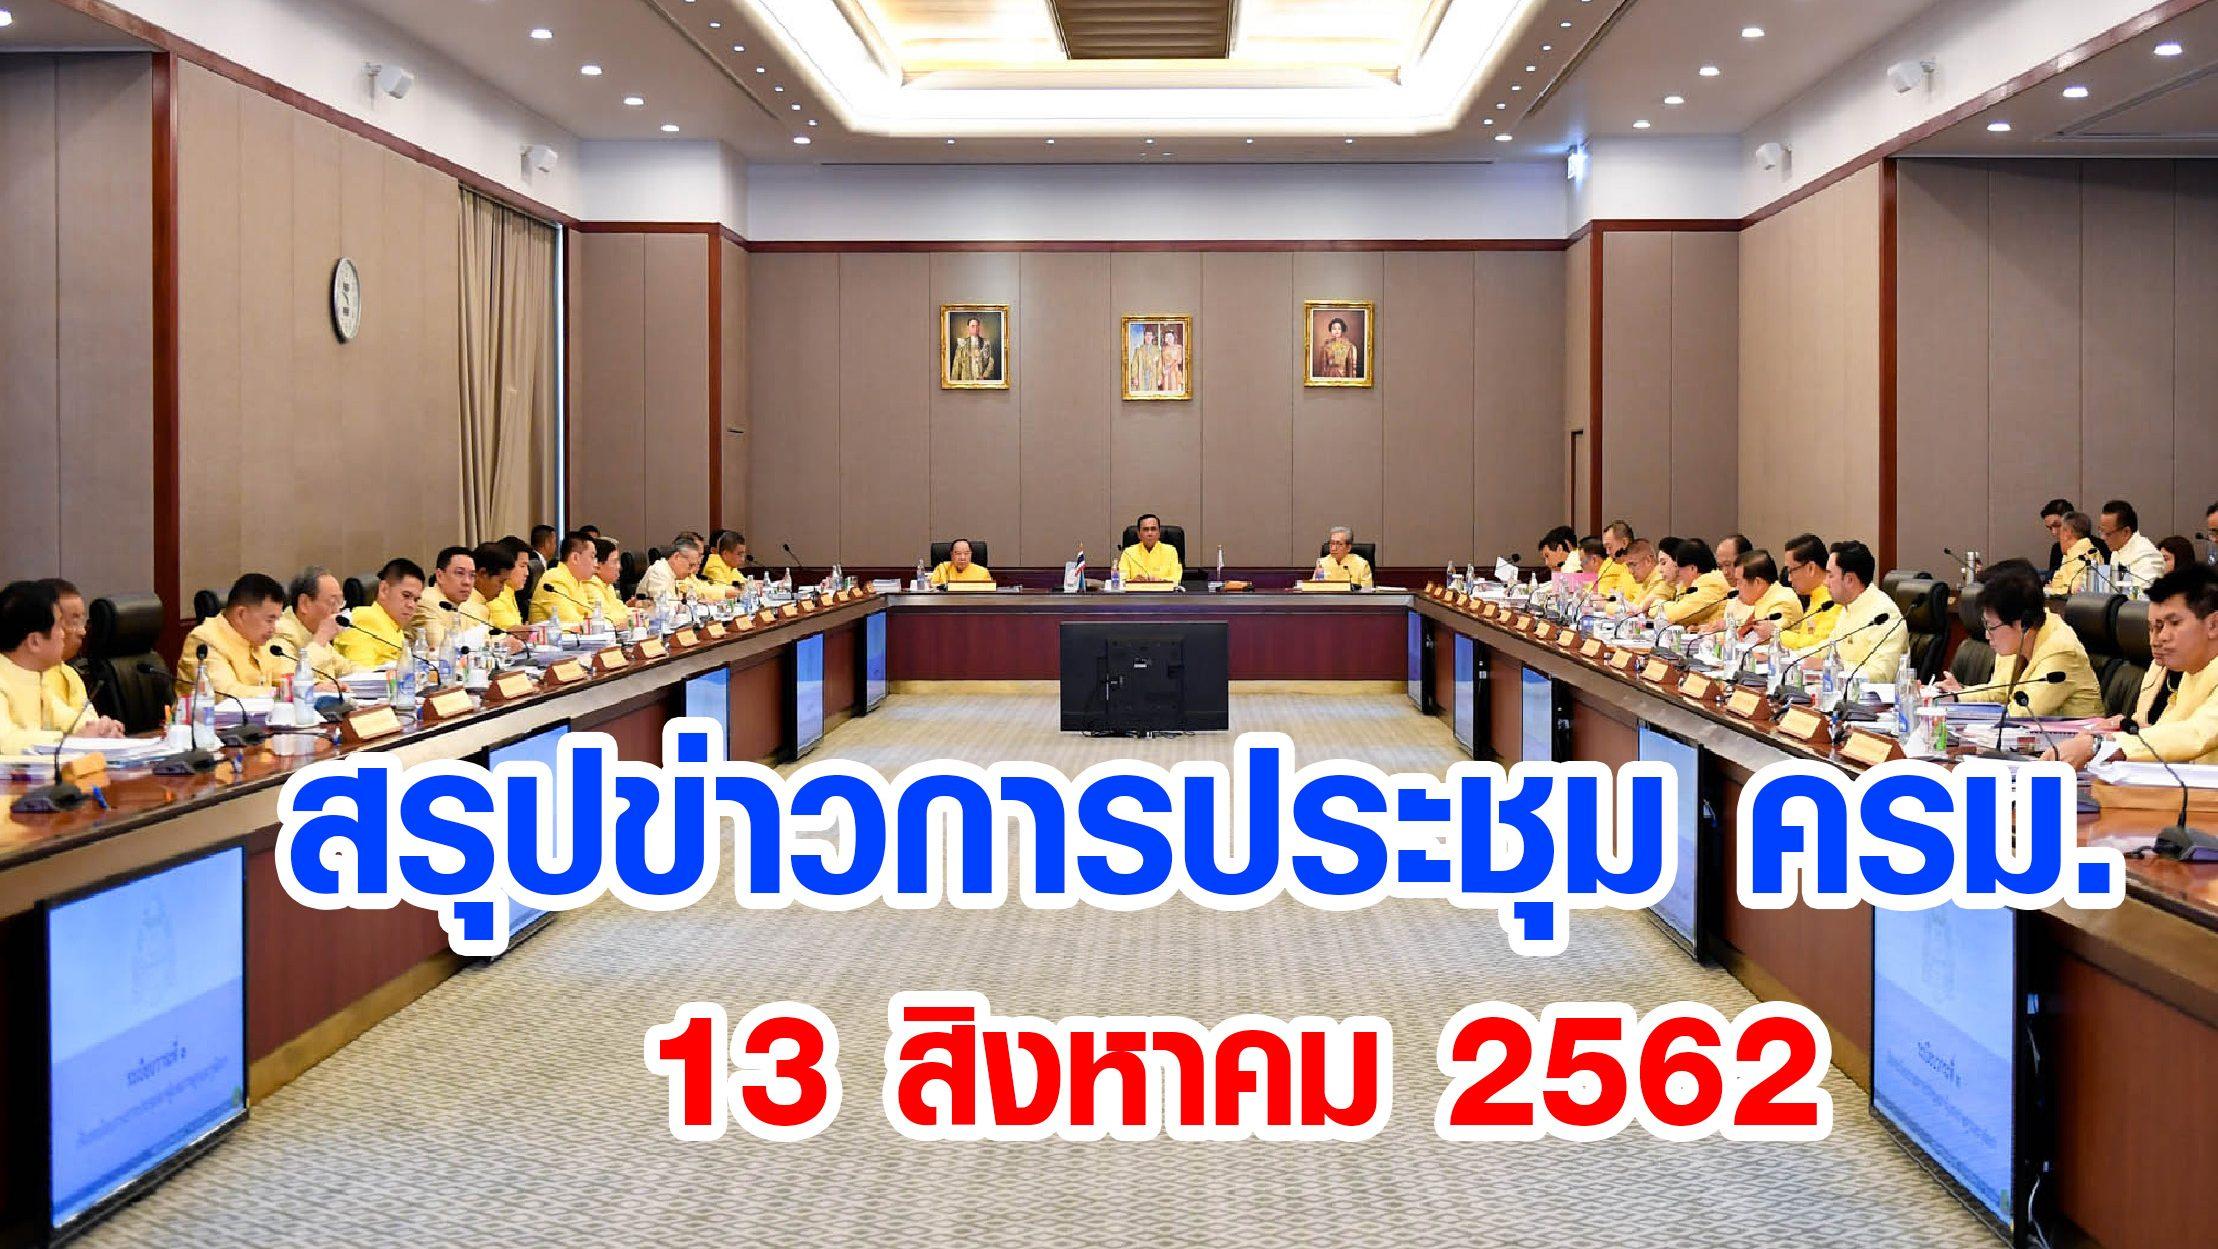 ข่าวสดวันนี้ คณะรัฐมนตรี ประชุมคณะรัฐมนตรี